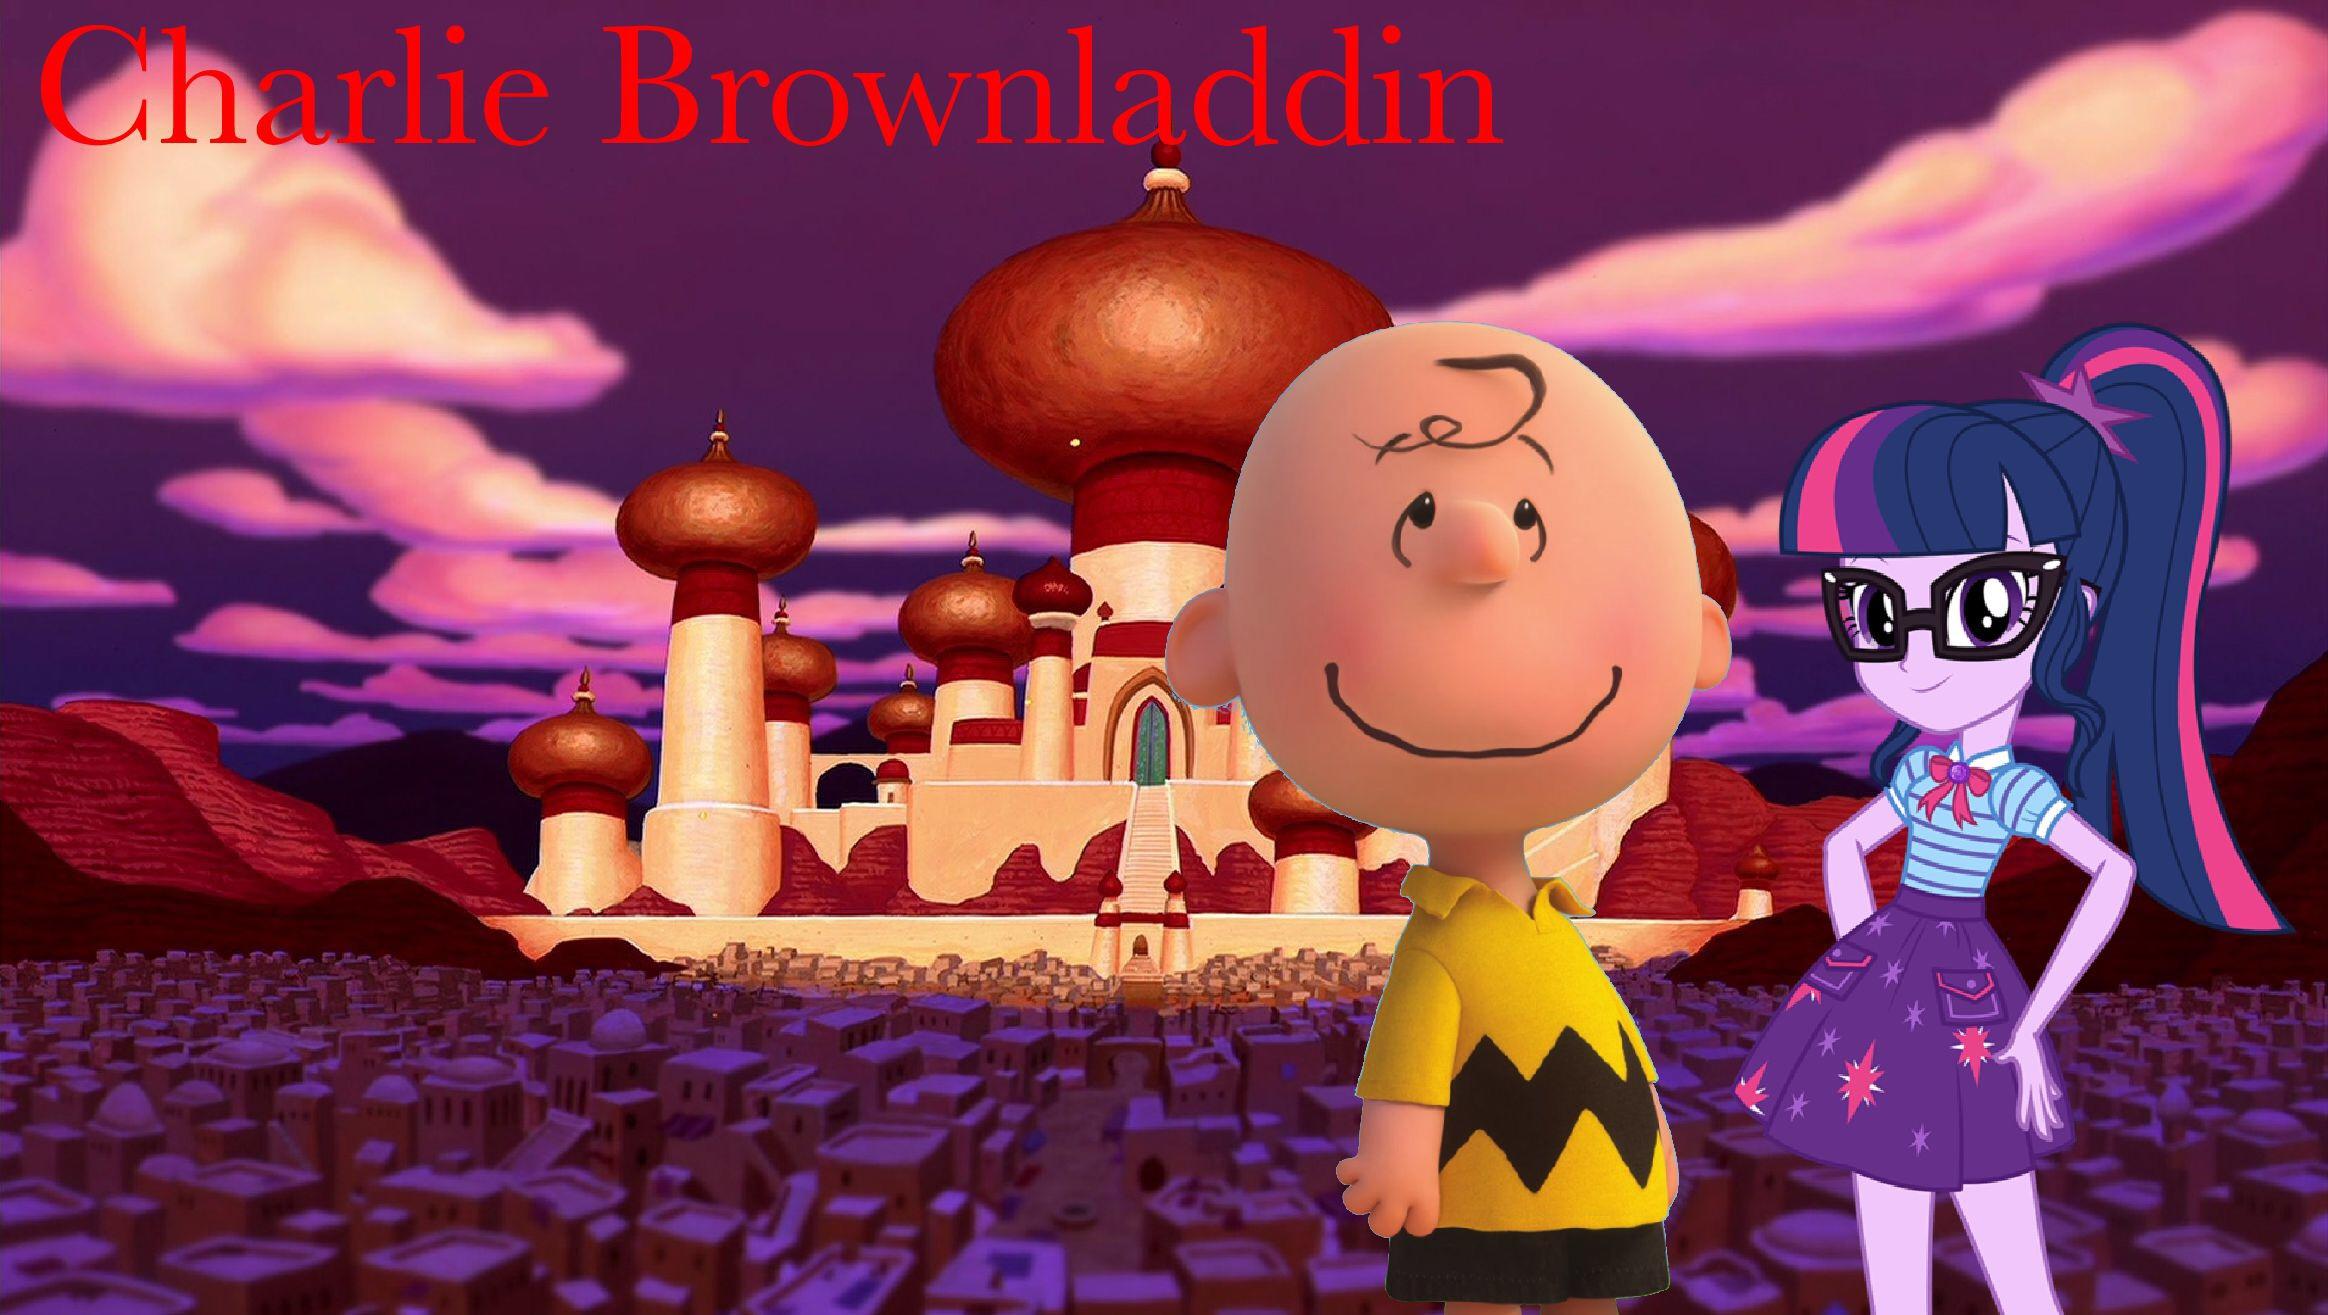 Charlie Brownladdin Trilogy